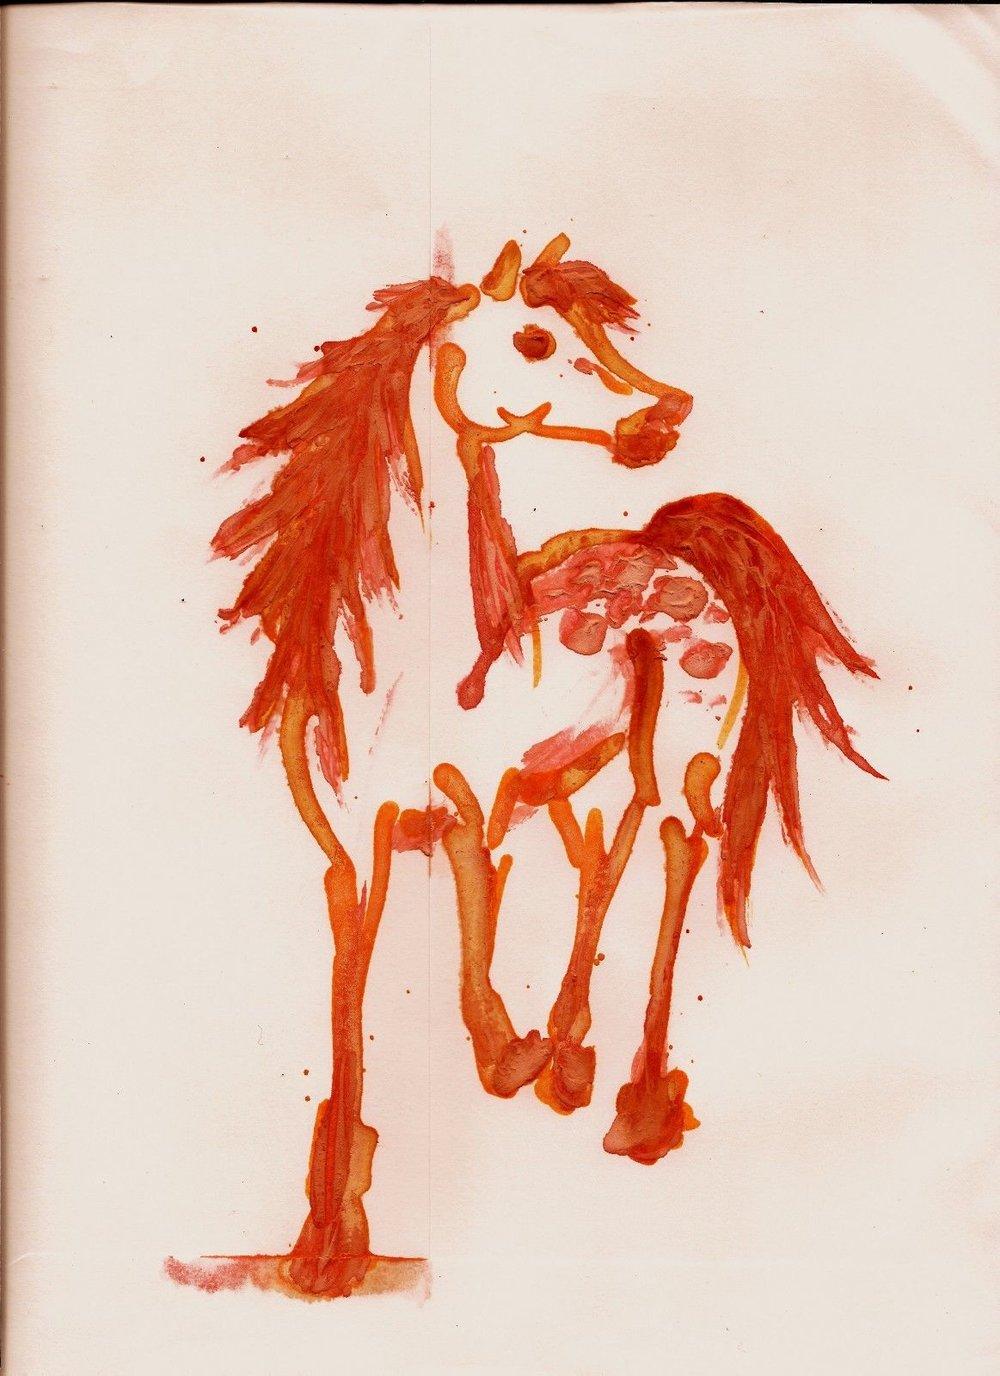 Lian Kool Aid art on manila envelope Apaloosa.jpg